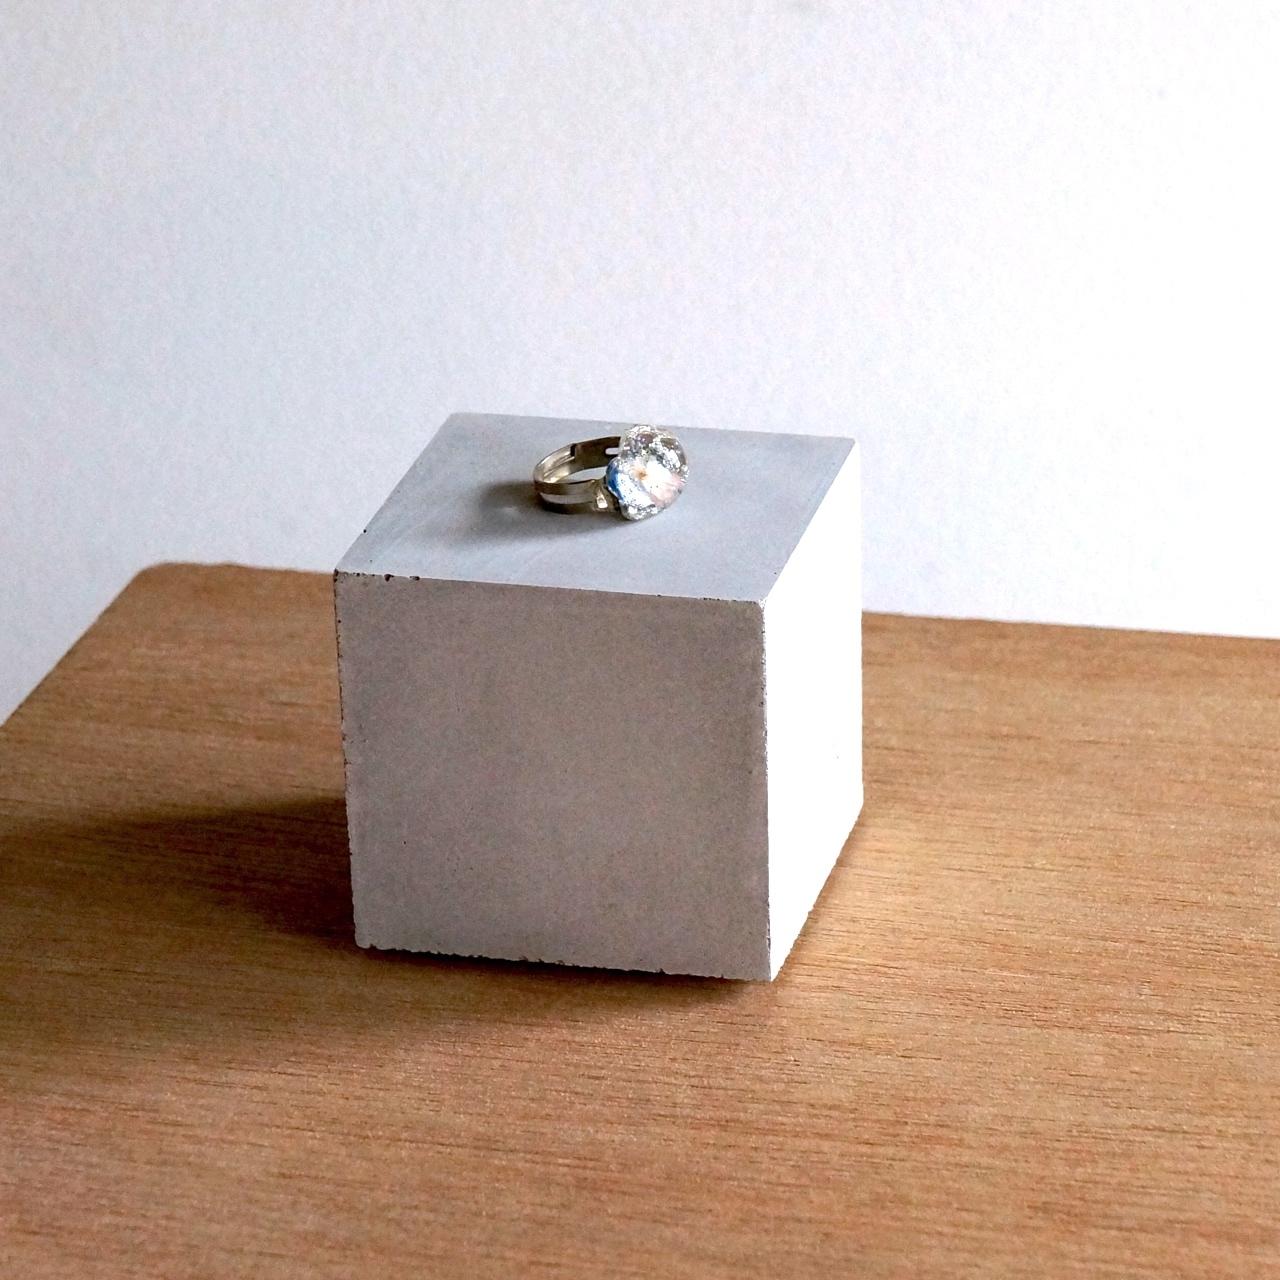 セメント6cmキューブ / ディスプレイ、ペーパーウェイト用